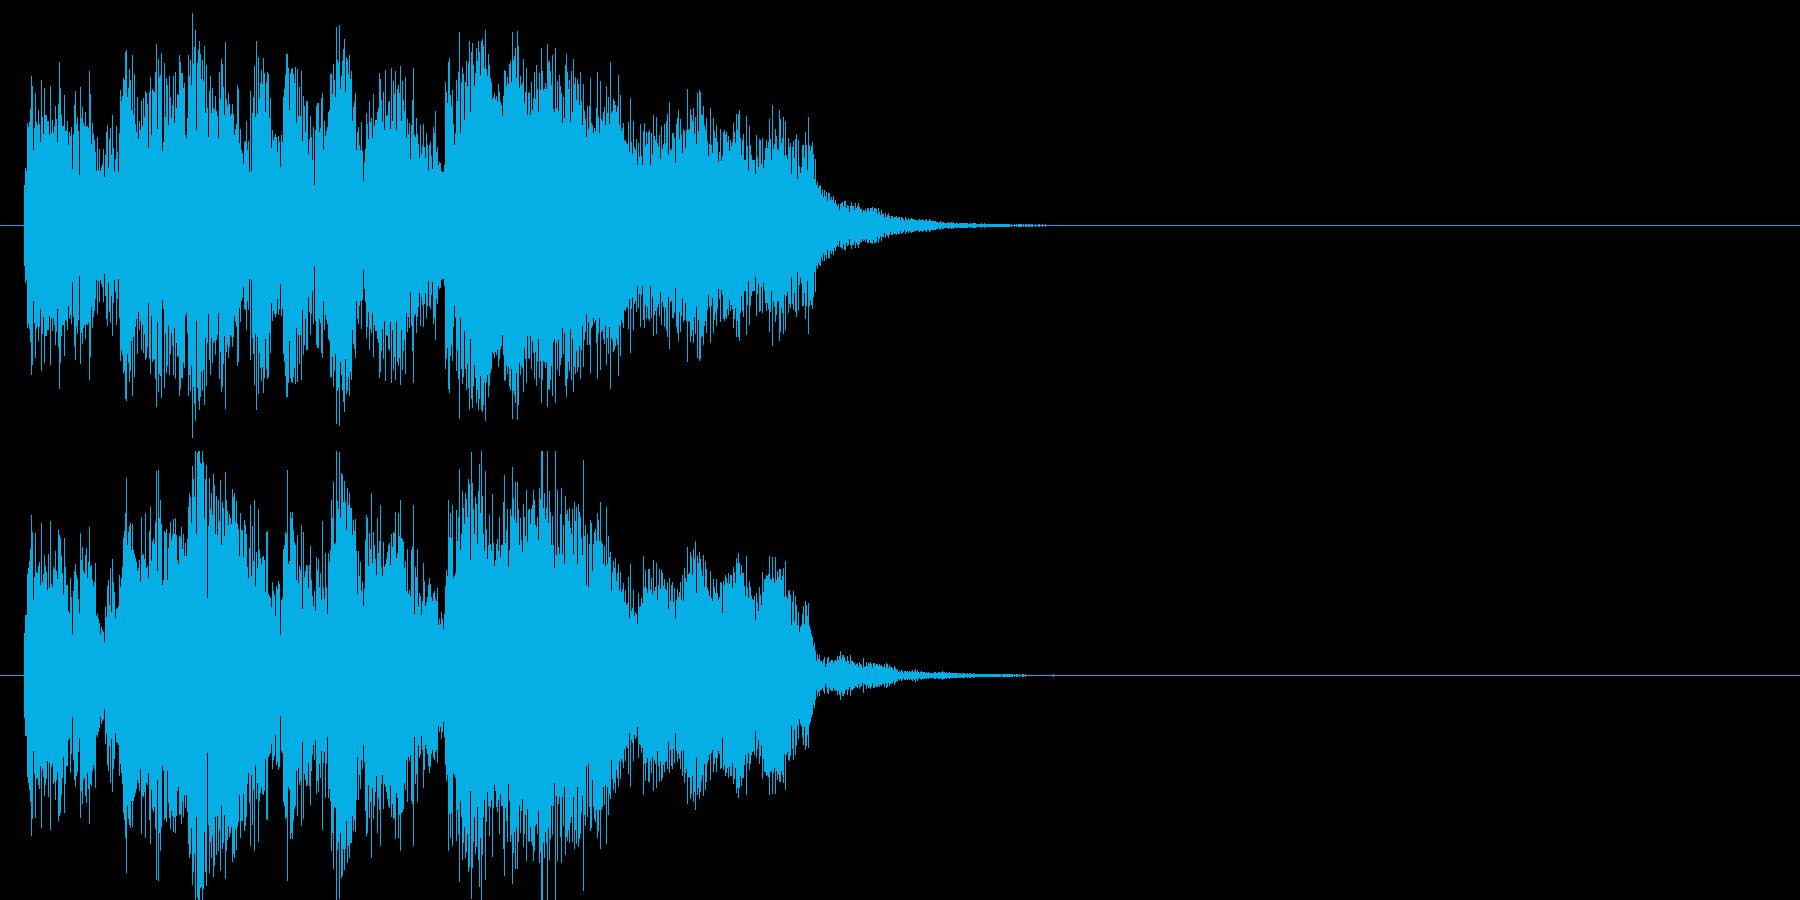 場面転換 テーマ 報道 登場 クイズの再生済みの波形